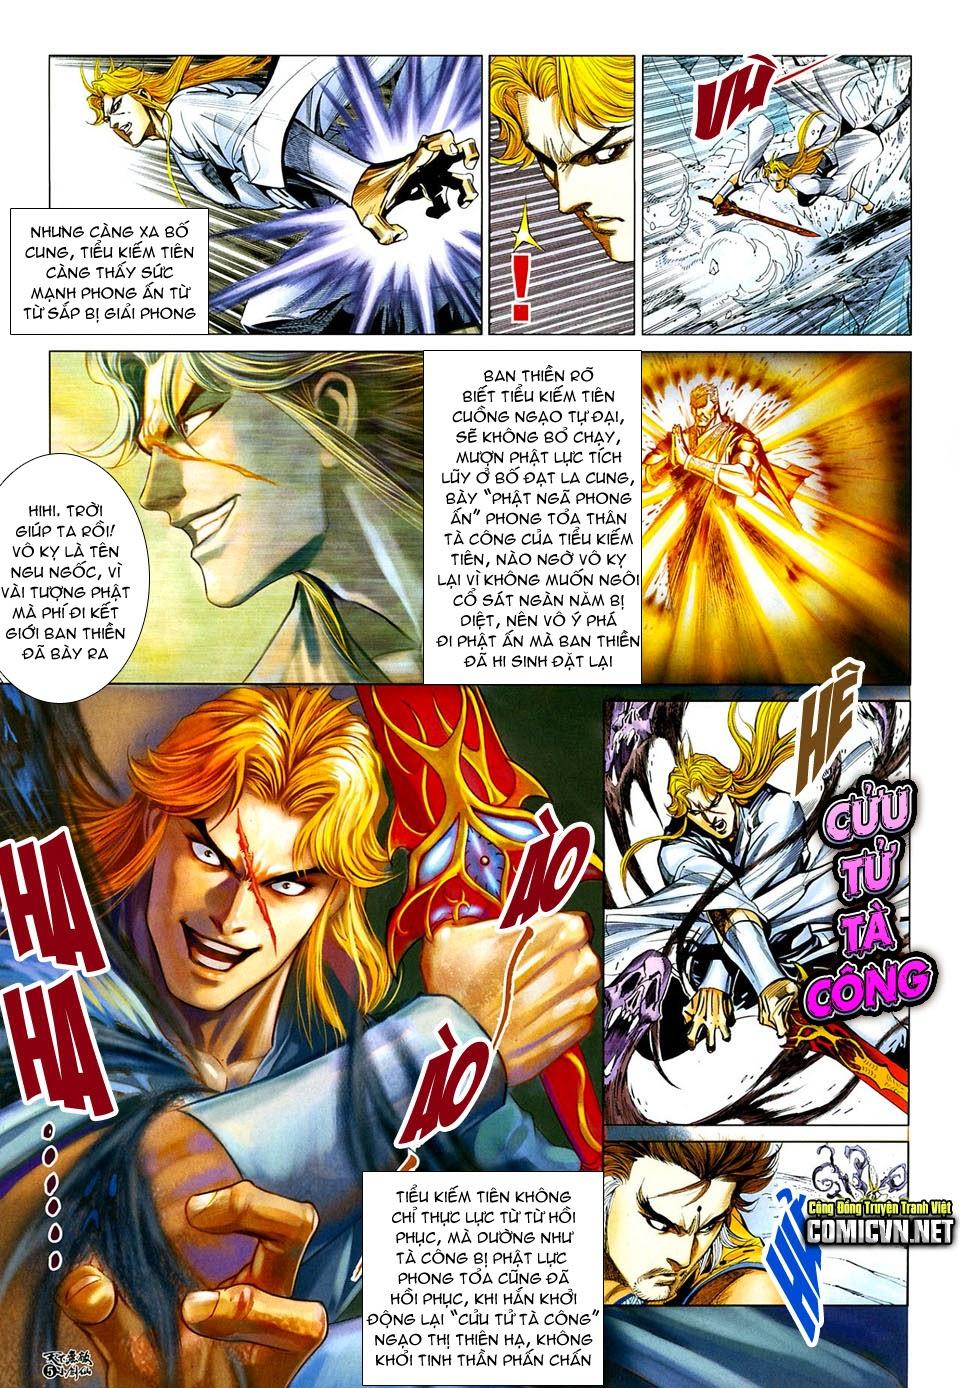 Thiên Hạ Vô Địch Tiểu Kiếm Tiên chap 32 - Trang 5